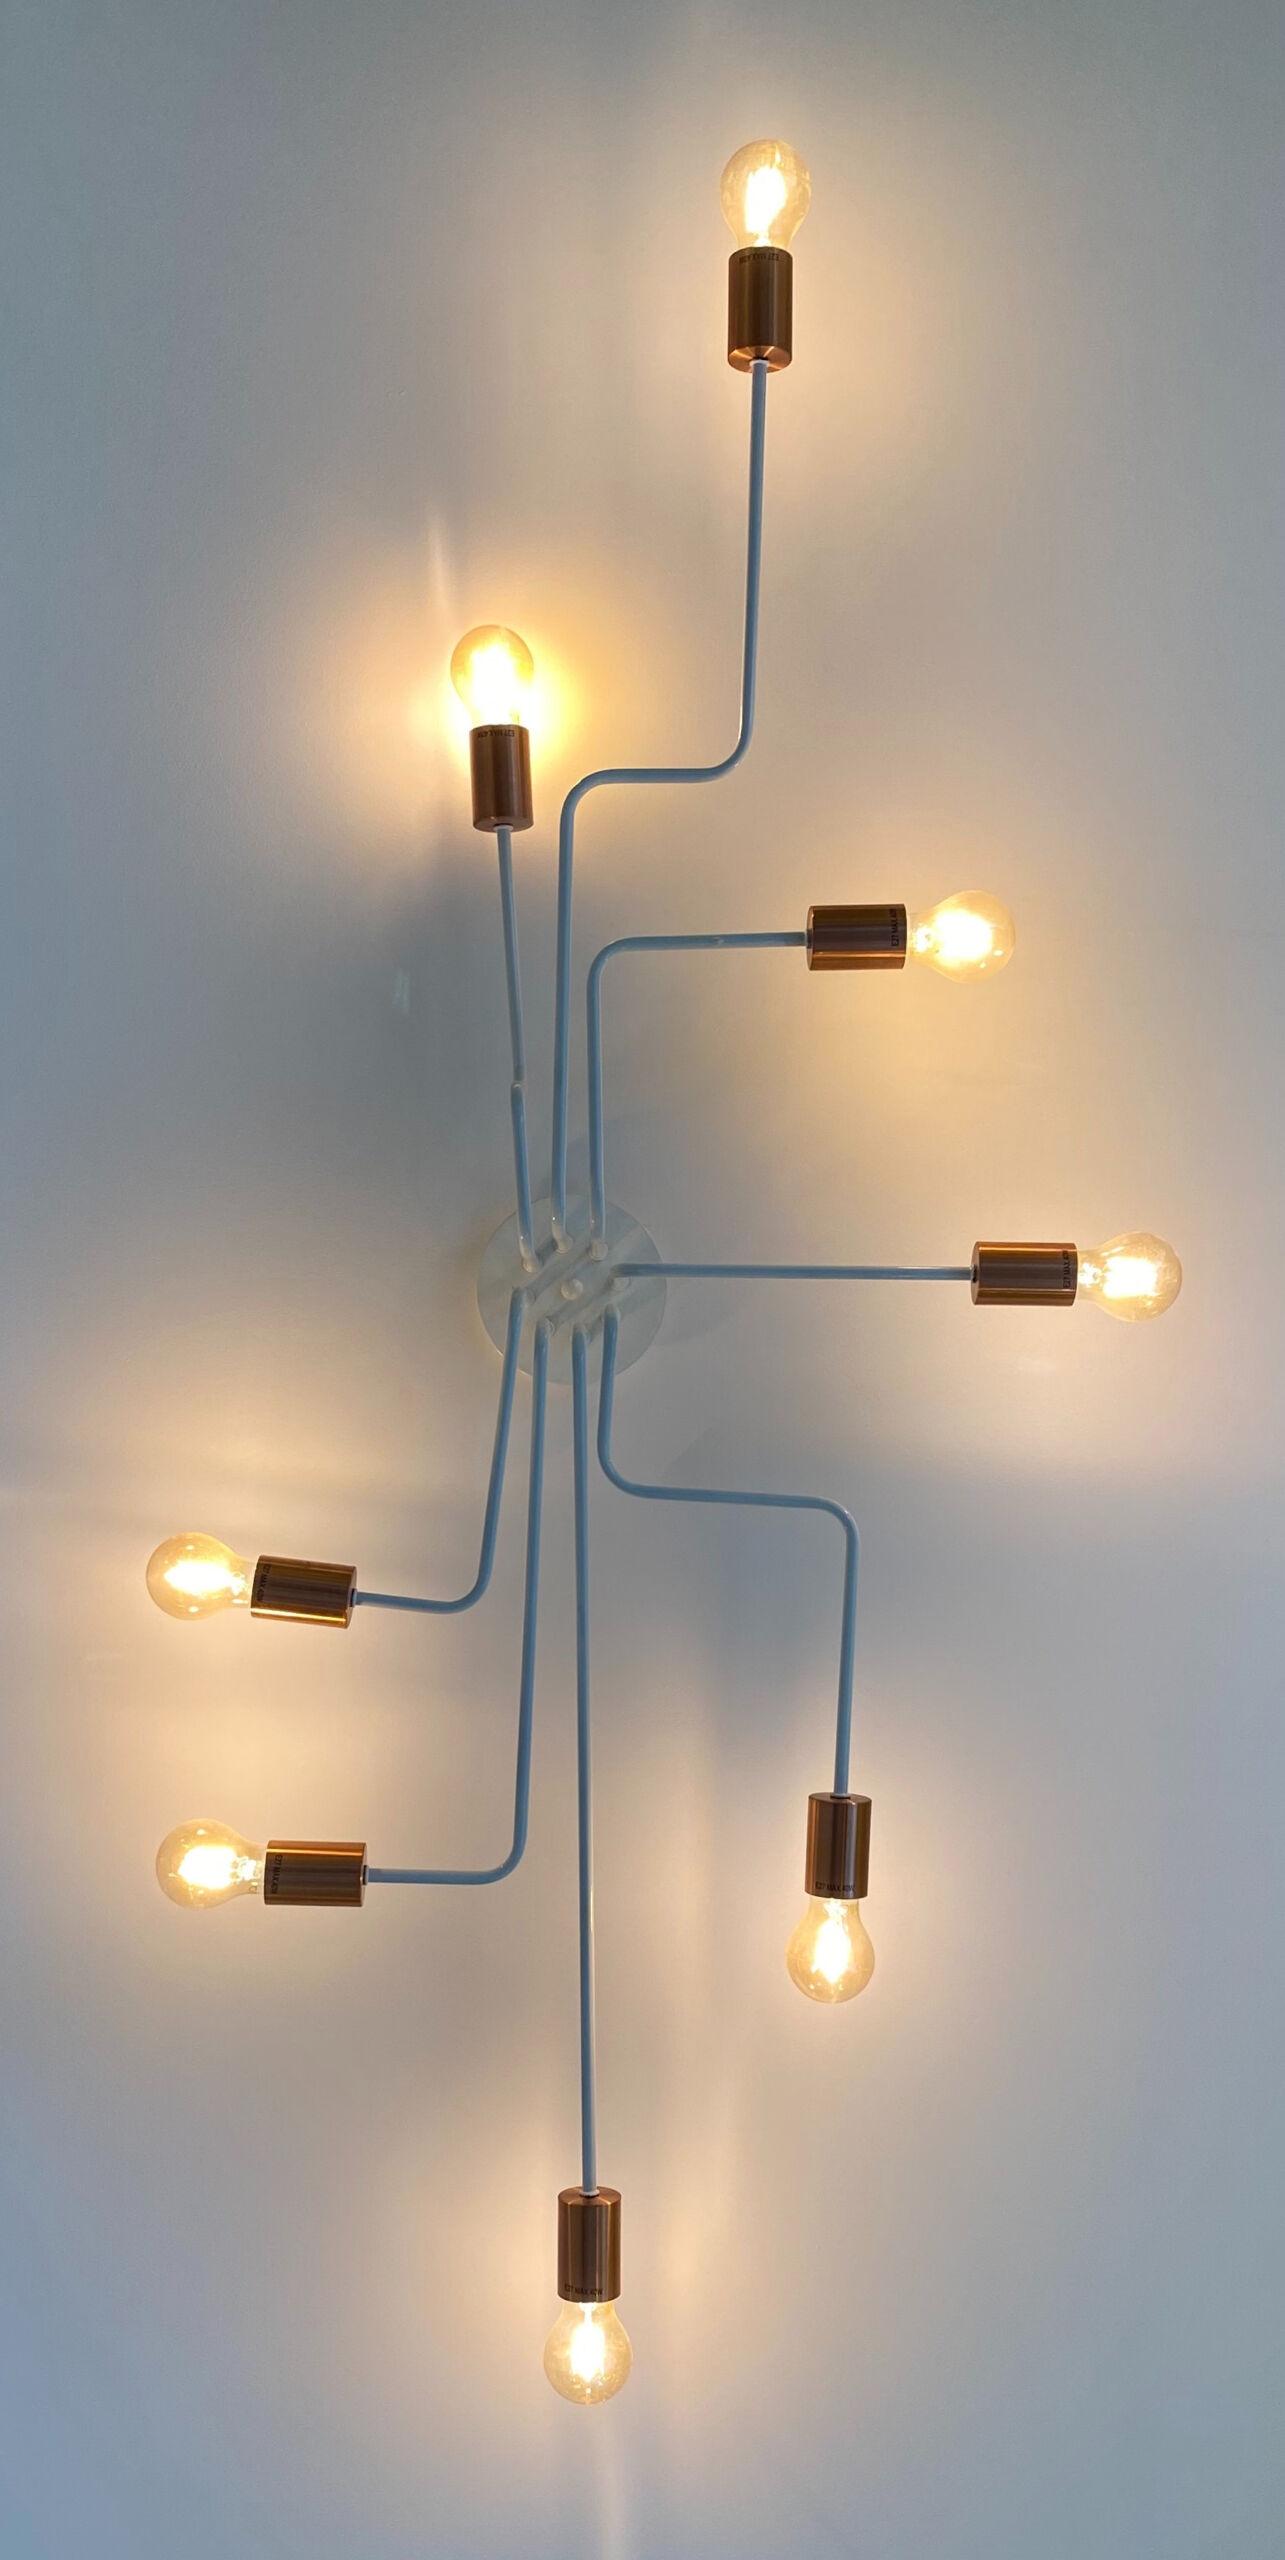 An einer Wand hängt eine Lampe, die acht Arme und am Ende jeweils eine Glühbirne hat.